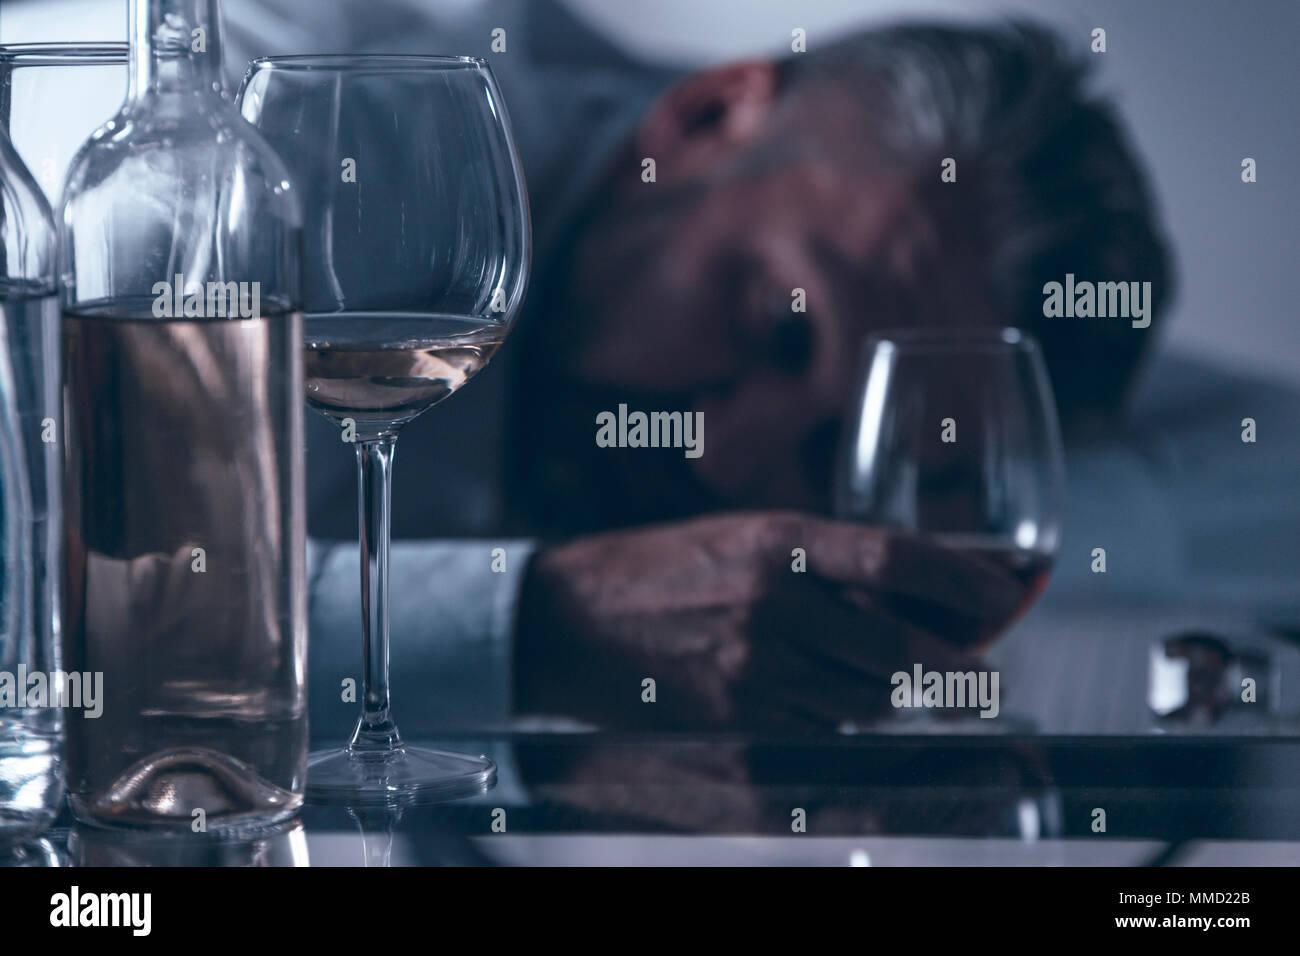 Close-up di un ubriaco disperato uomo di mezza età appoggiata sul tavolo dietro le bottiglie e i bicchieri con alcol Immagini Stock